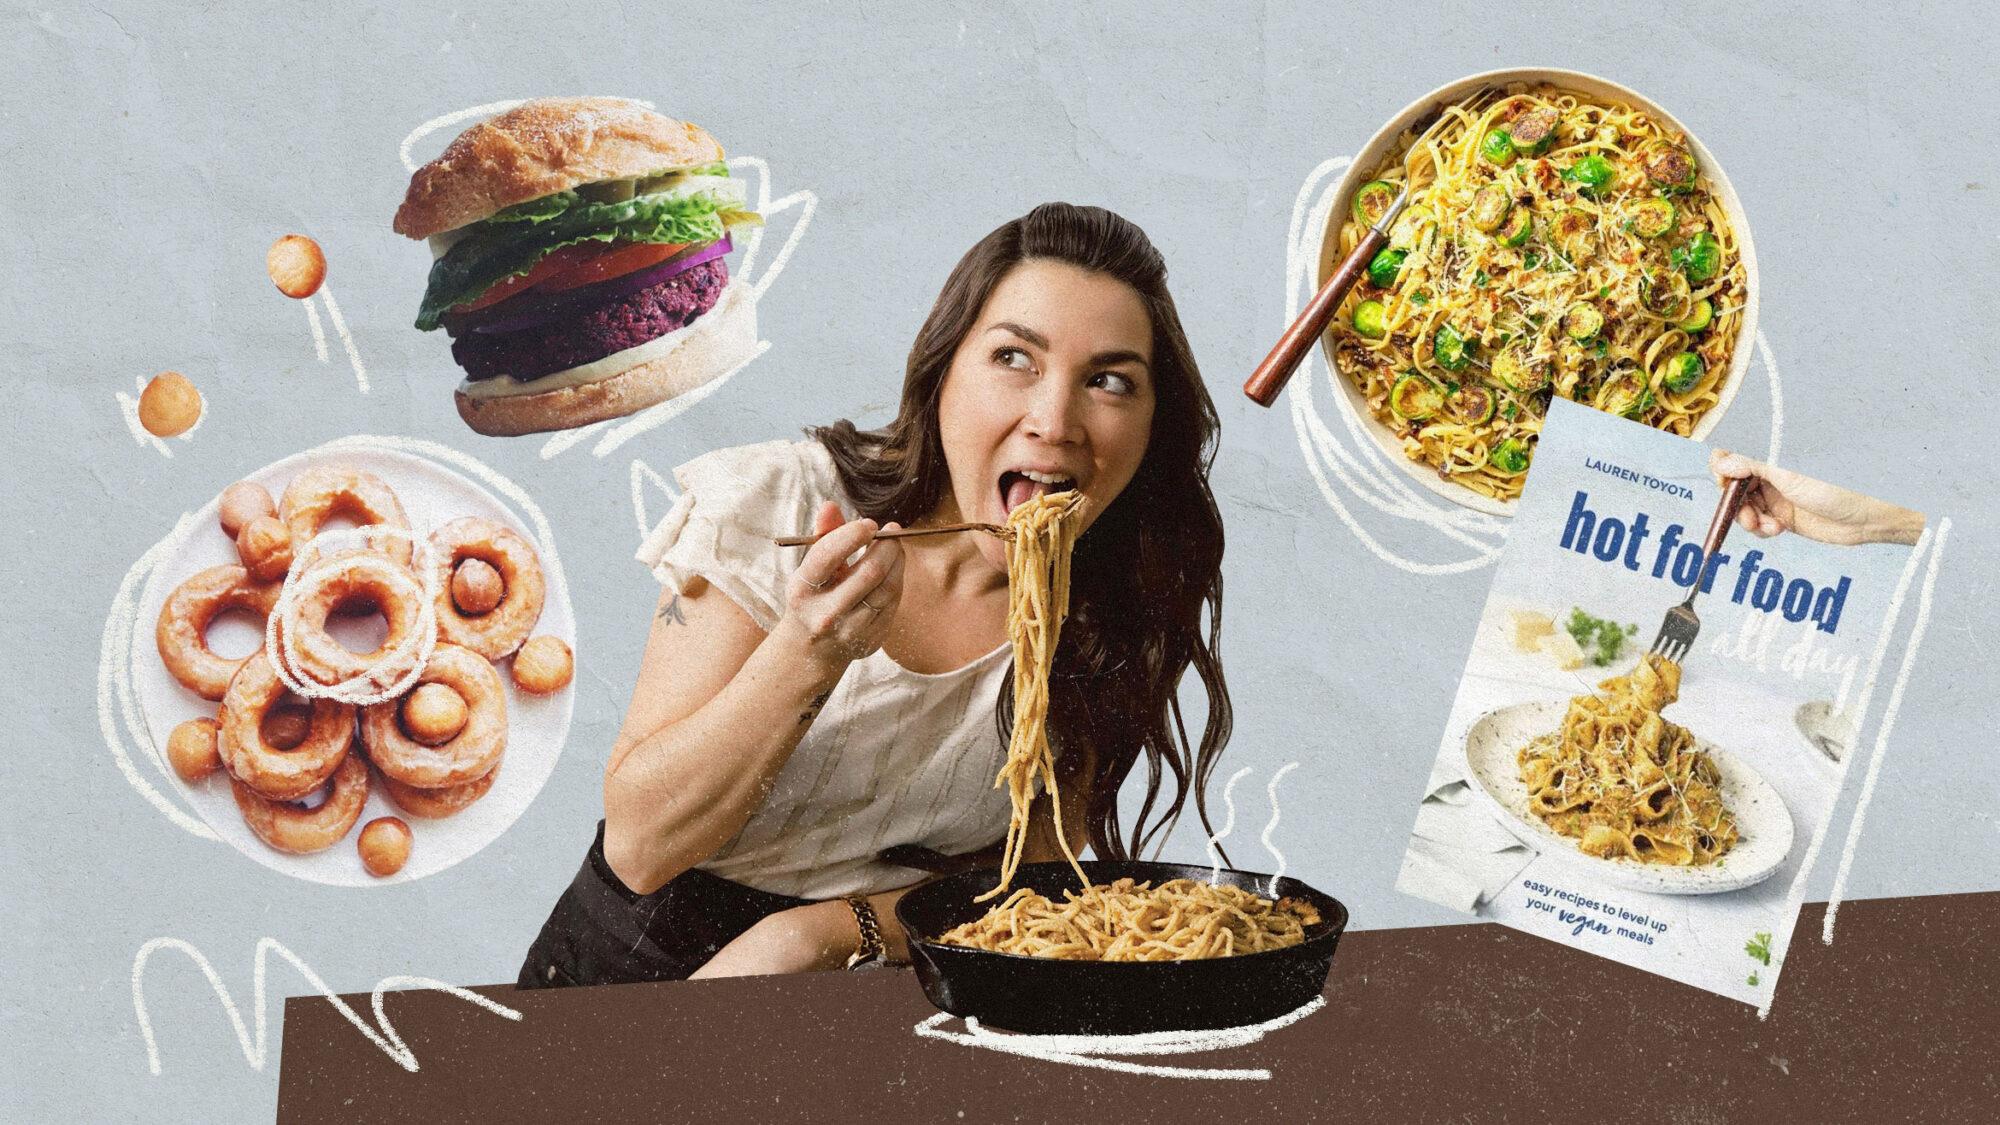 Article-Lauren-Toyota-Hot-for-Food